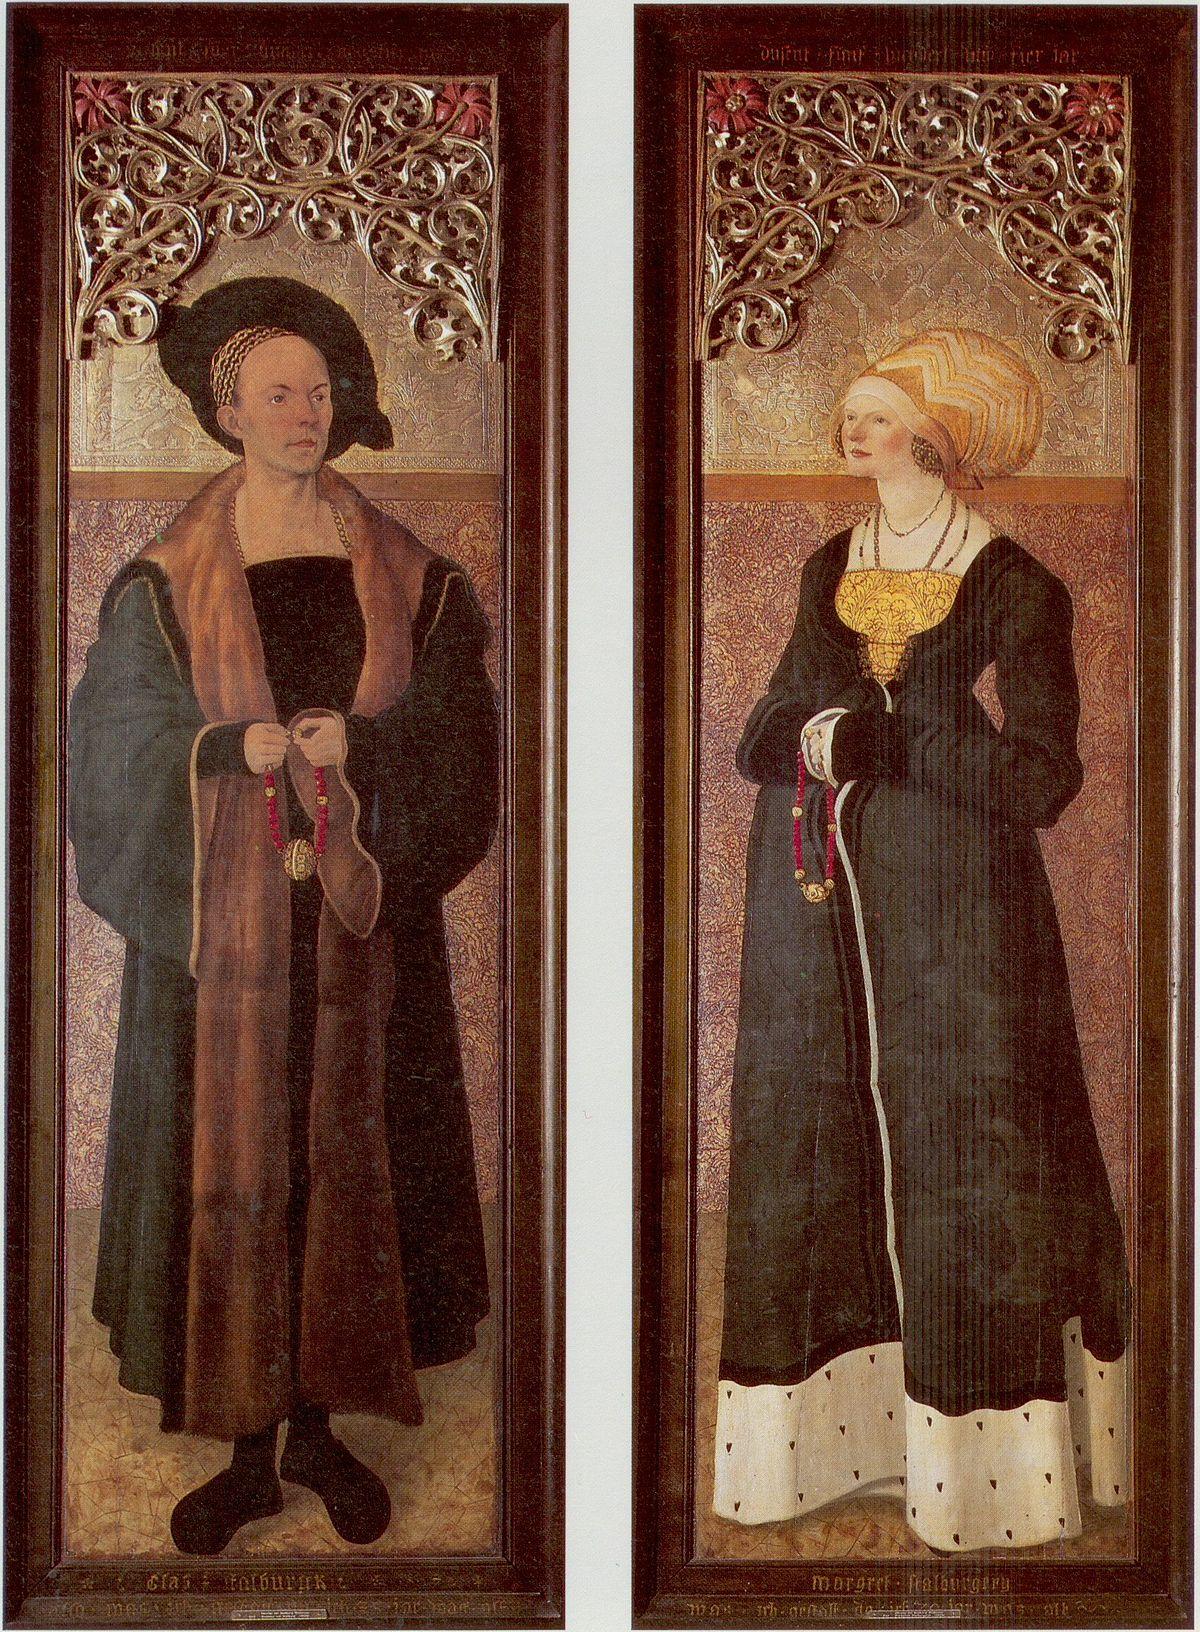 1504 meister-der-stalburg-bildnisse- Claus Stalburg et epouse Margarethe vom Rhein